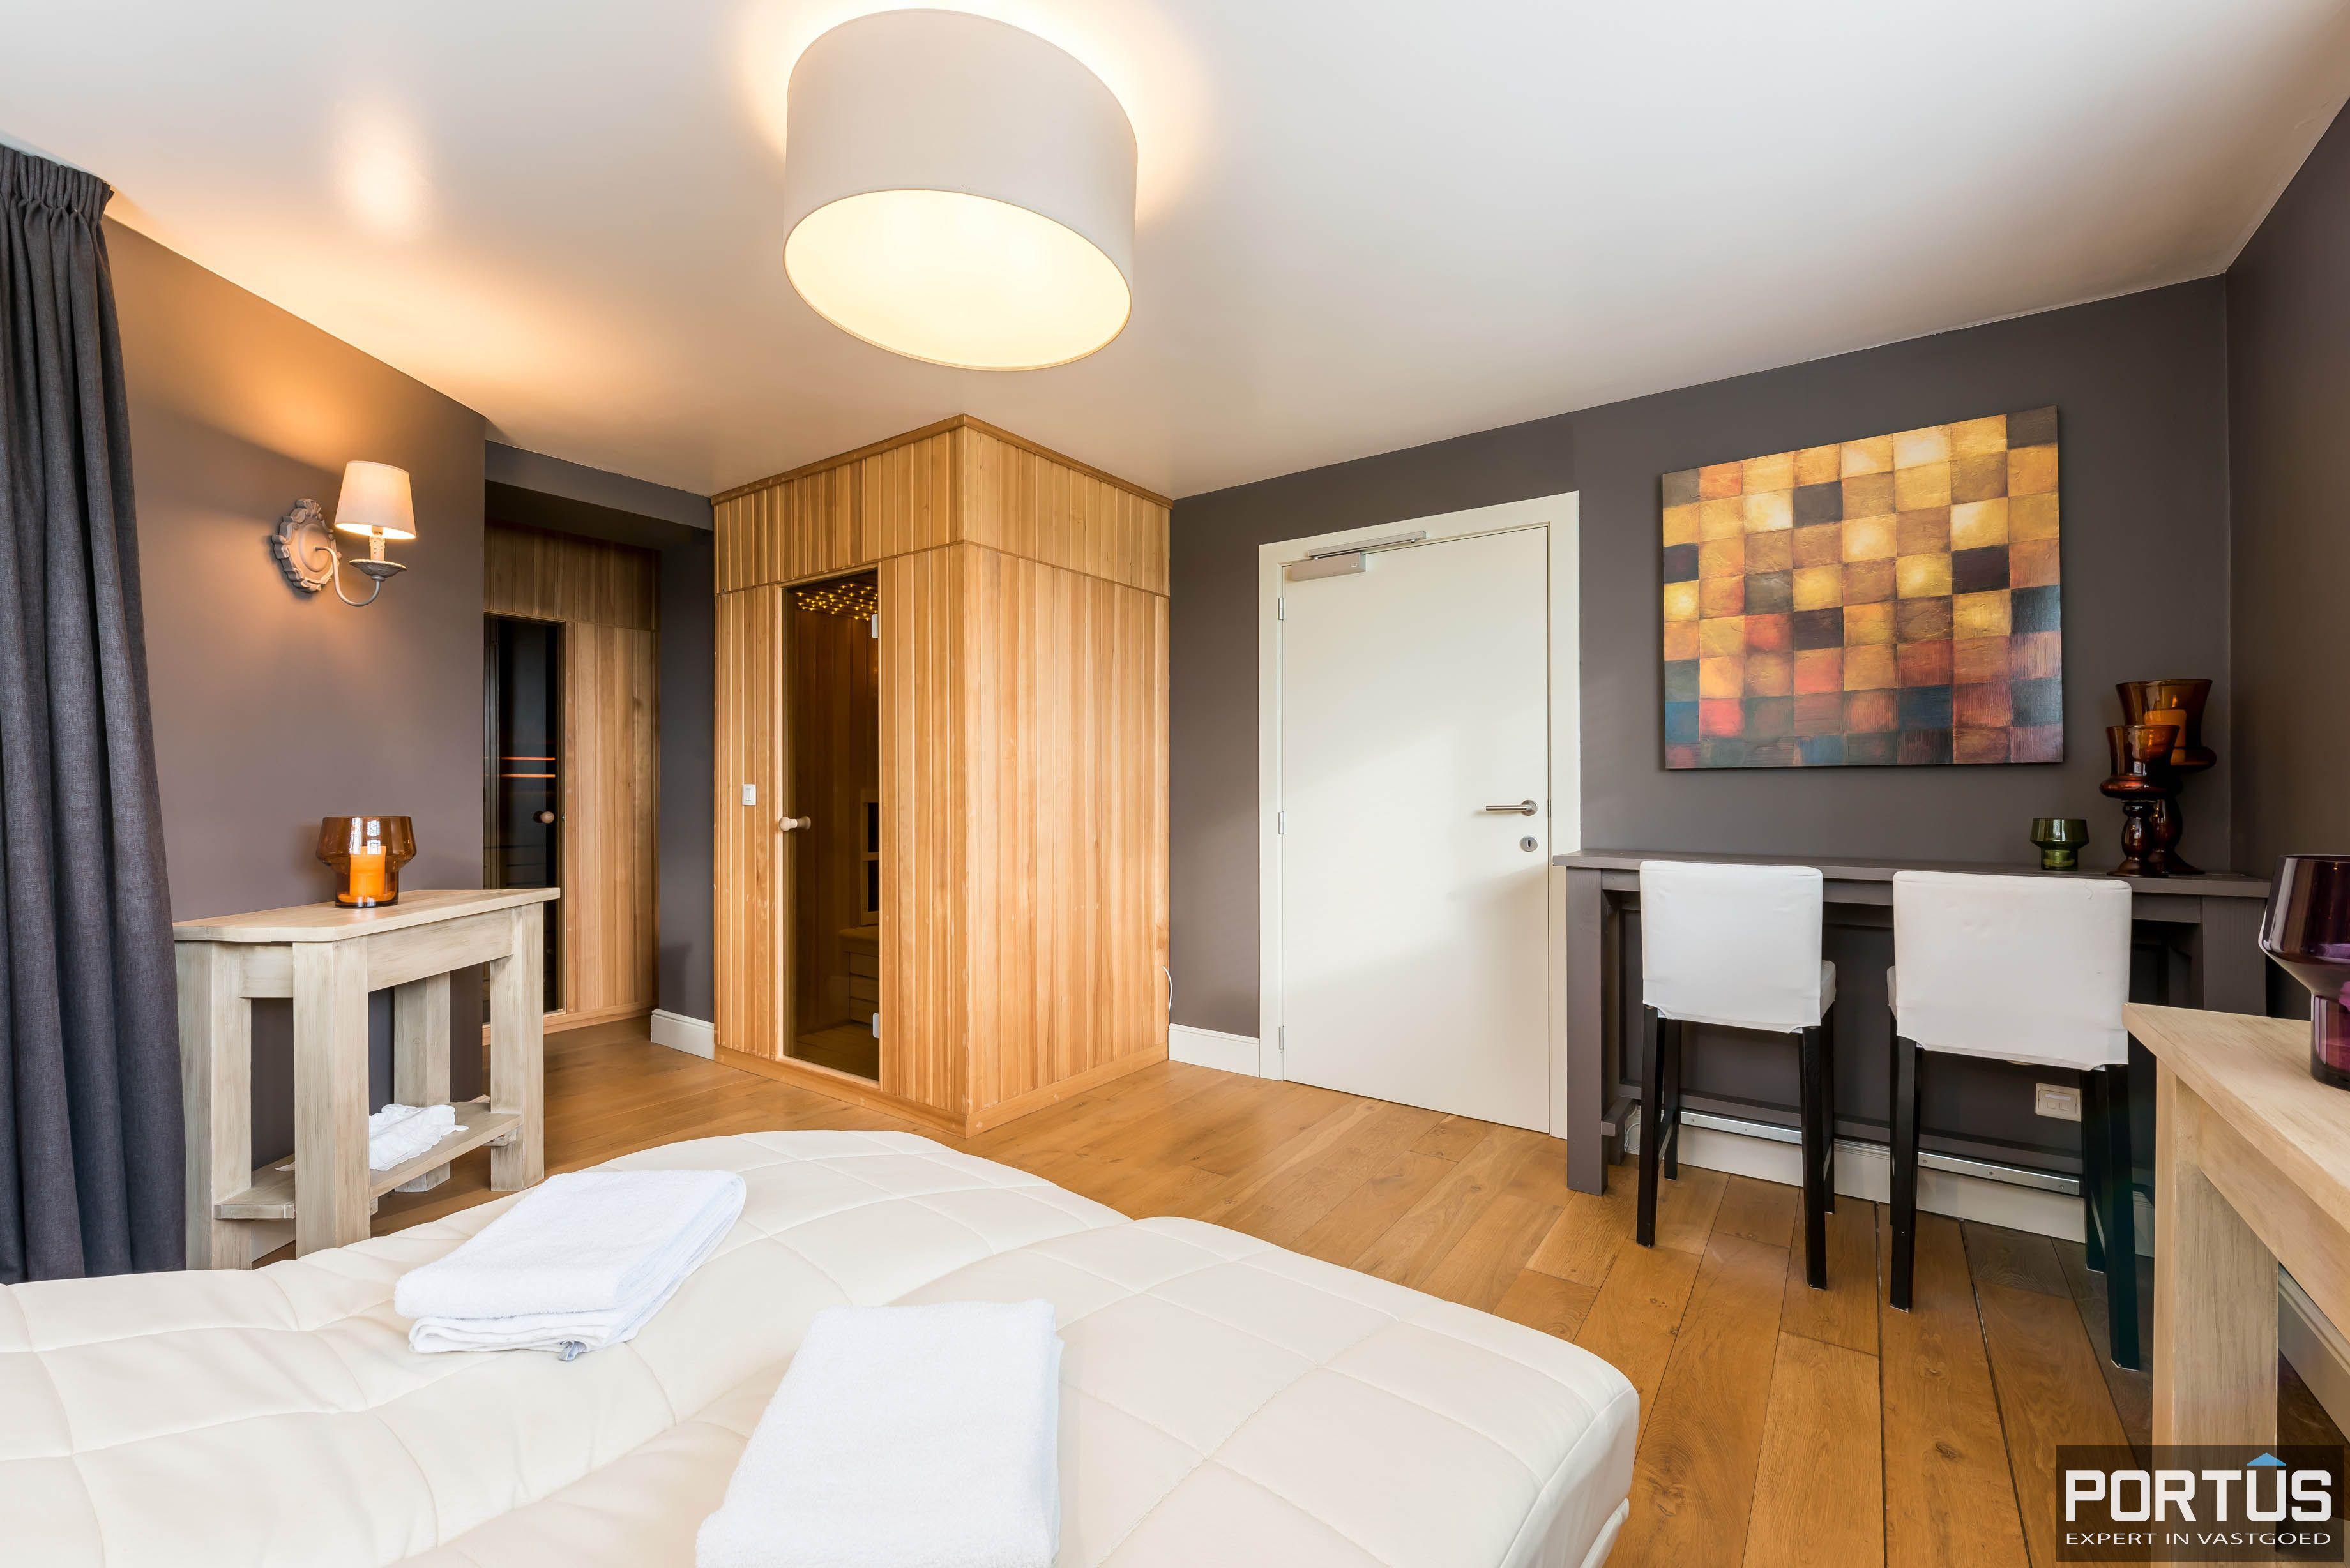 Villa/B&B te koop Westende met 6 slaapkamers - 5467